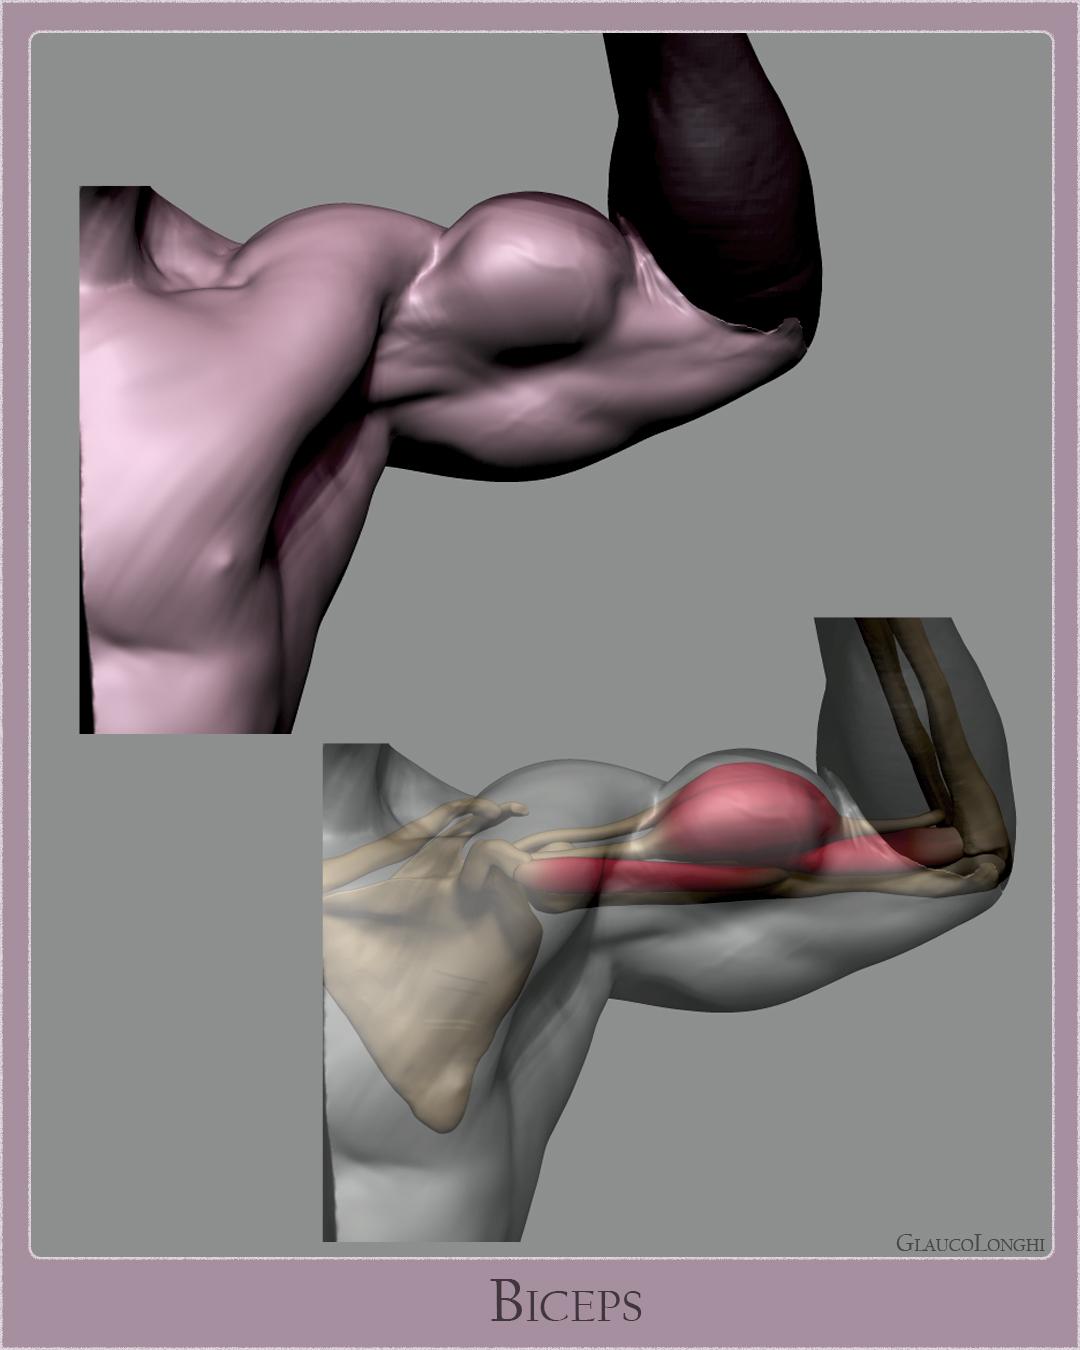 biceps_002.jpg